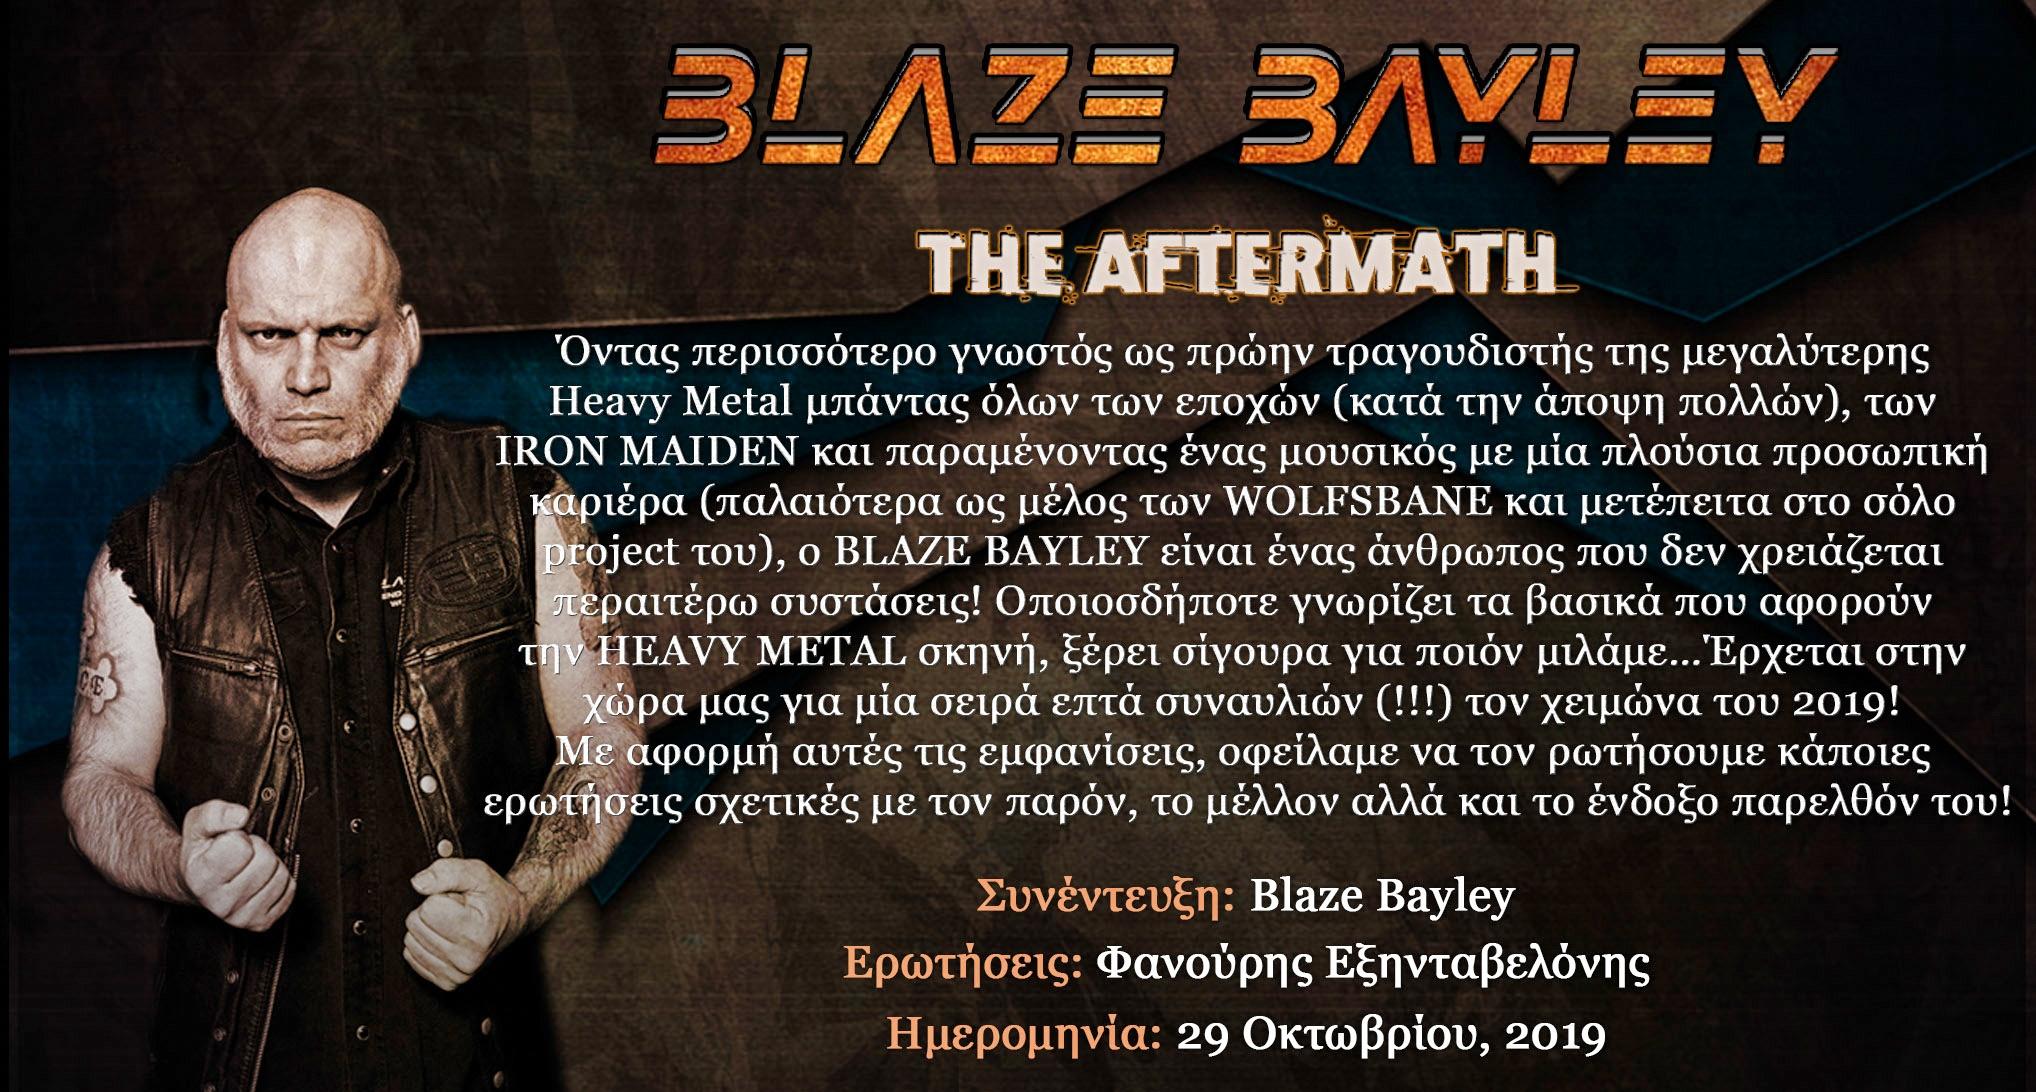 Blaze Bayley – The Aftermath